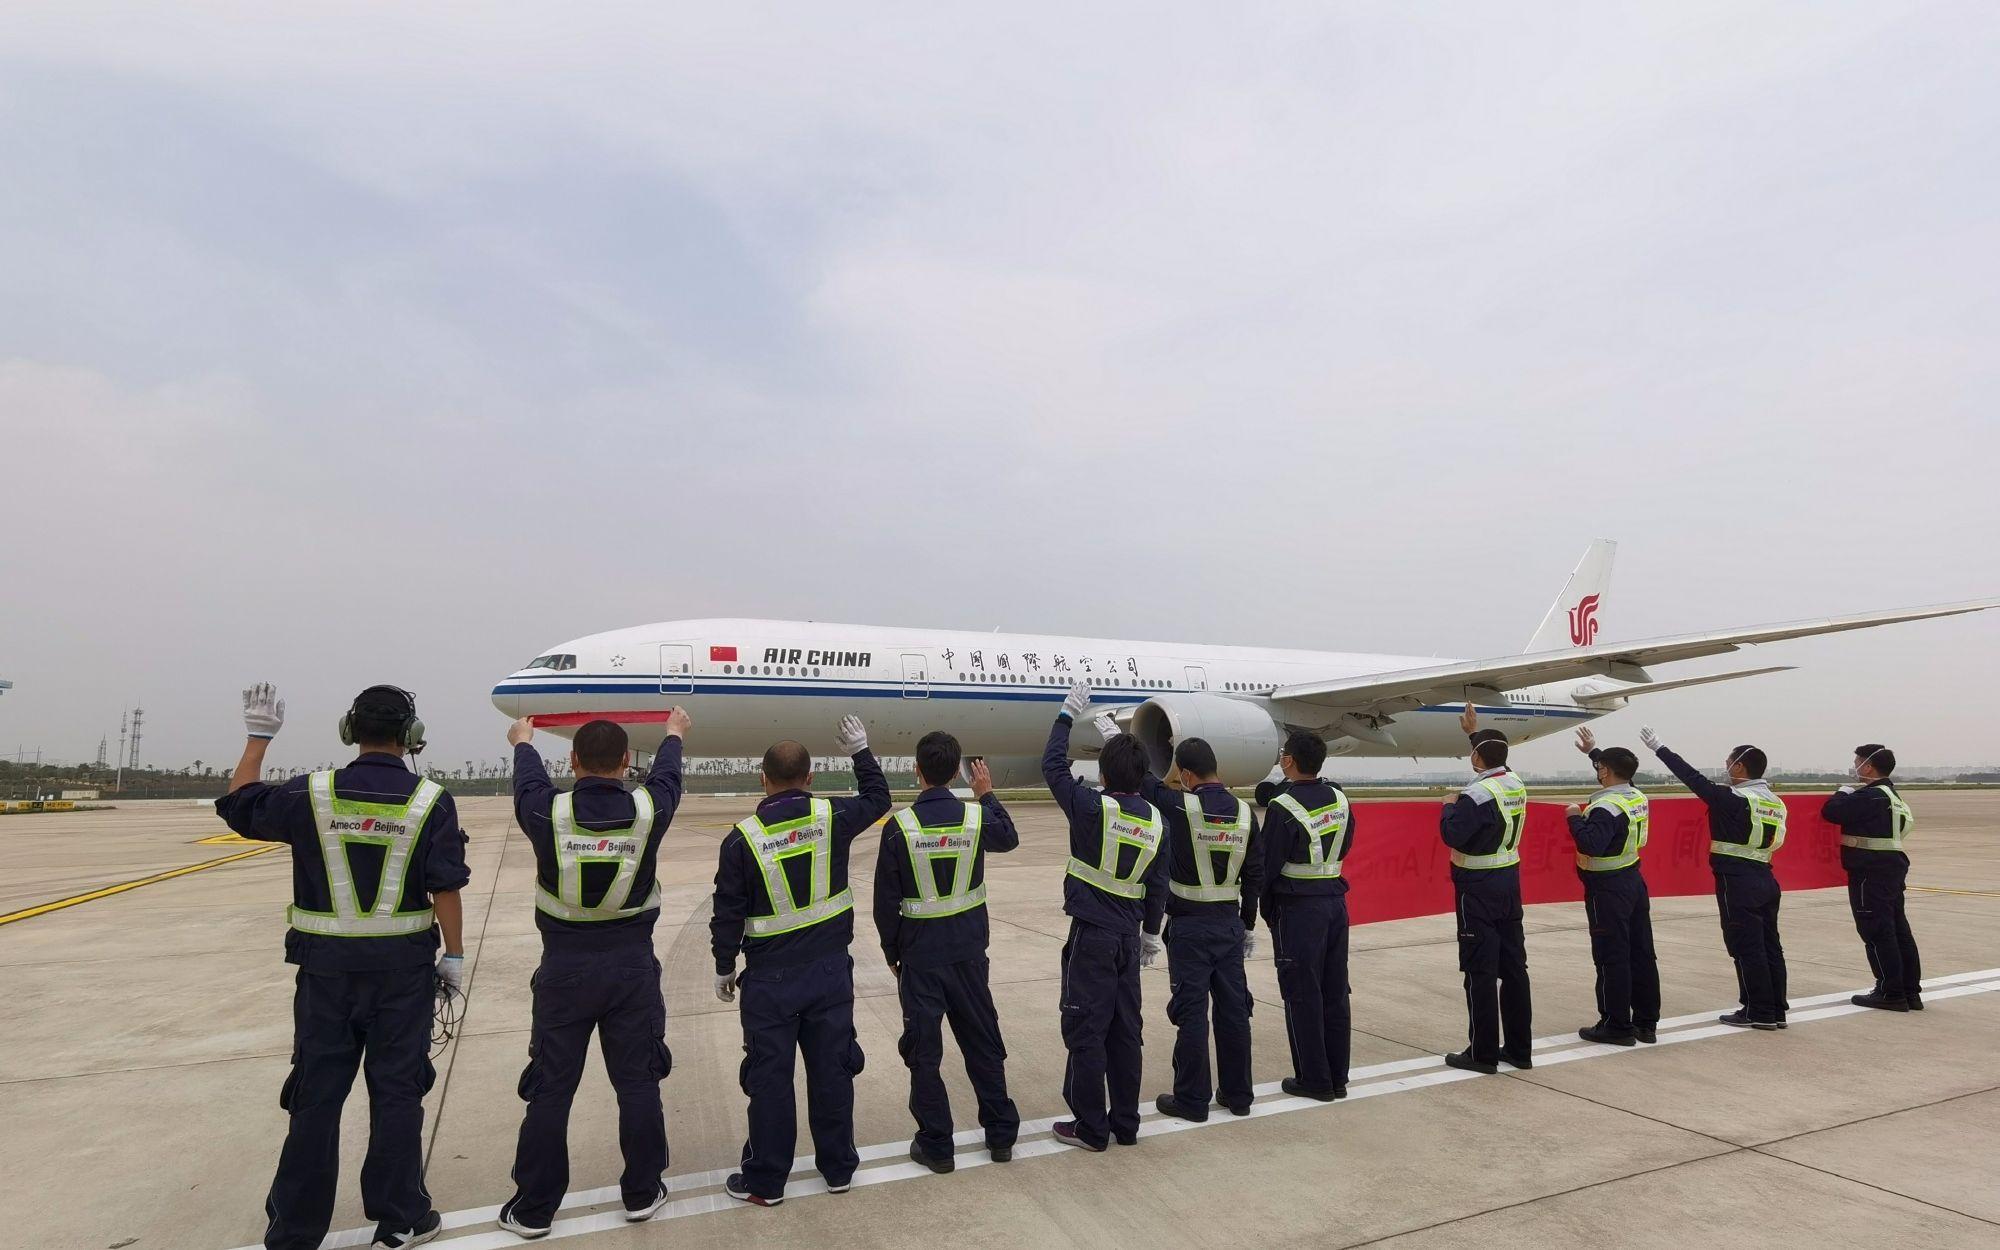 国家援鄂医疗队包机从武汉飞往北京。图片来自国航微博